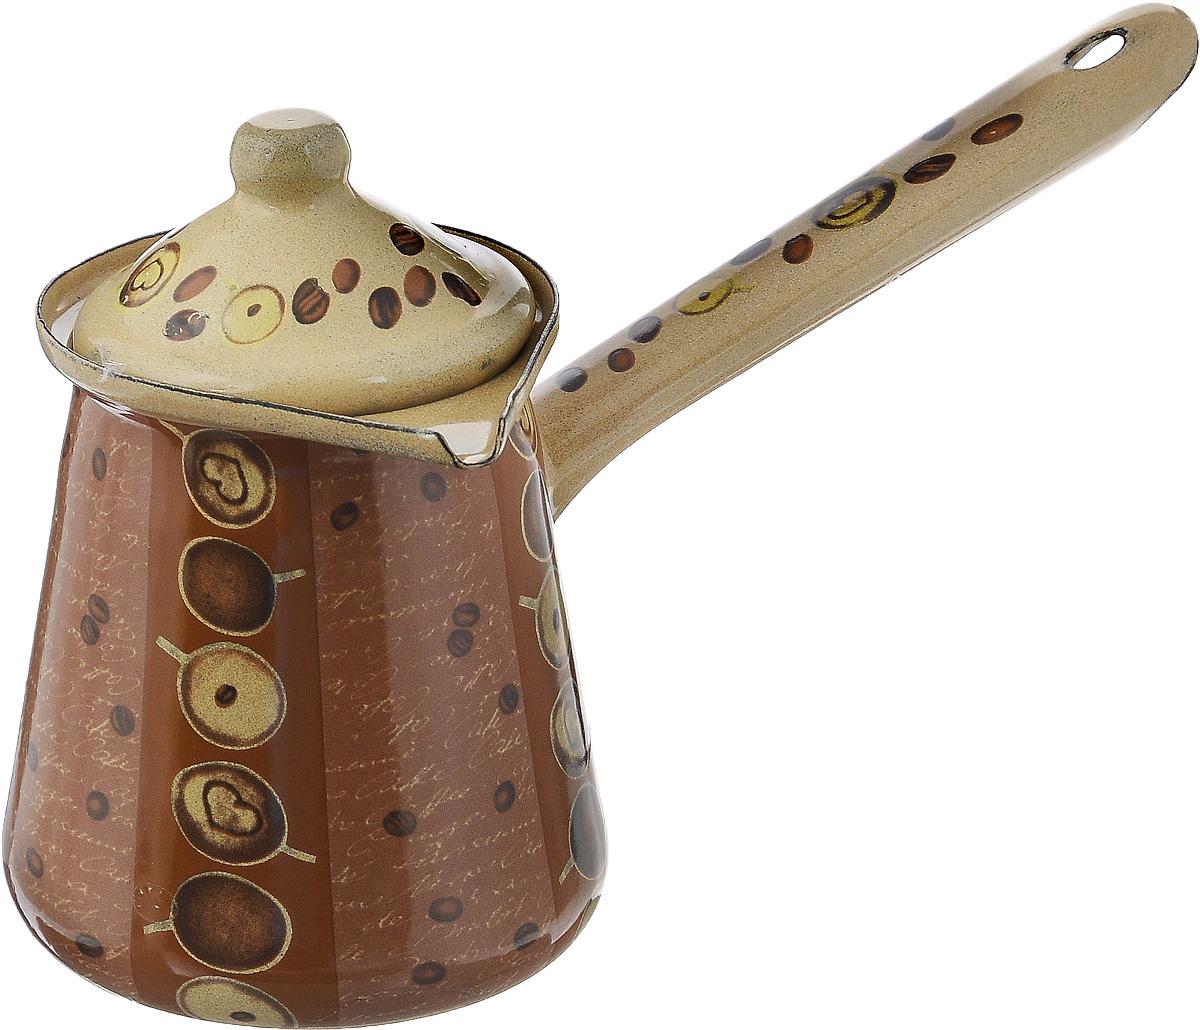 """Турка """"Calve"""", изготовленная из высококачественной стали, предназначена для приготовления кофе. Внешние стенки турки оформлены изящным рисунком с изображением кофейных зерен. Изделие имеет широкое горлышко, специальный носик и крышку. Рукоятка снабжена специальным отверстием, благодаря которому изделие можно подвесить на крючок. Кофе в турке варится очень просто. Насыпьте молотый кофе, залейте водой и варите на слабом огне, не доводя до кипения. Чем дольше кофе варить, тем крепче он становится. Подходит для всех видов плит, включая индукционные. Диаметр турки (по верхнему краю): 8 см. Длина ручки: 13 см.Высота стенки: 10 см."""